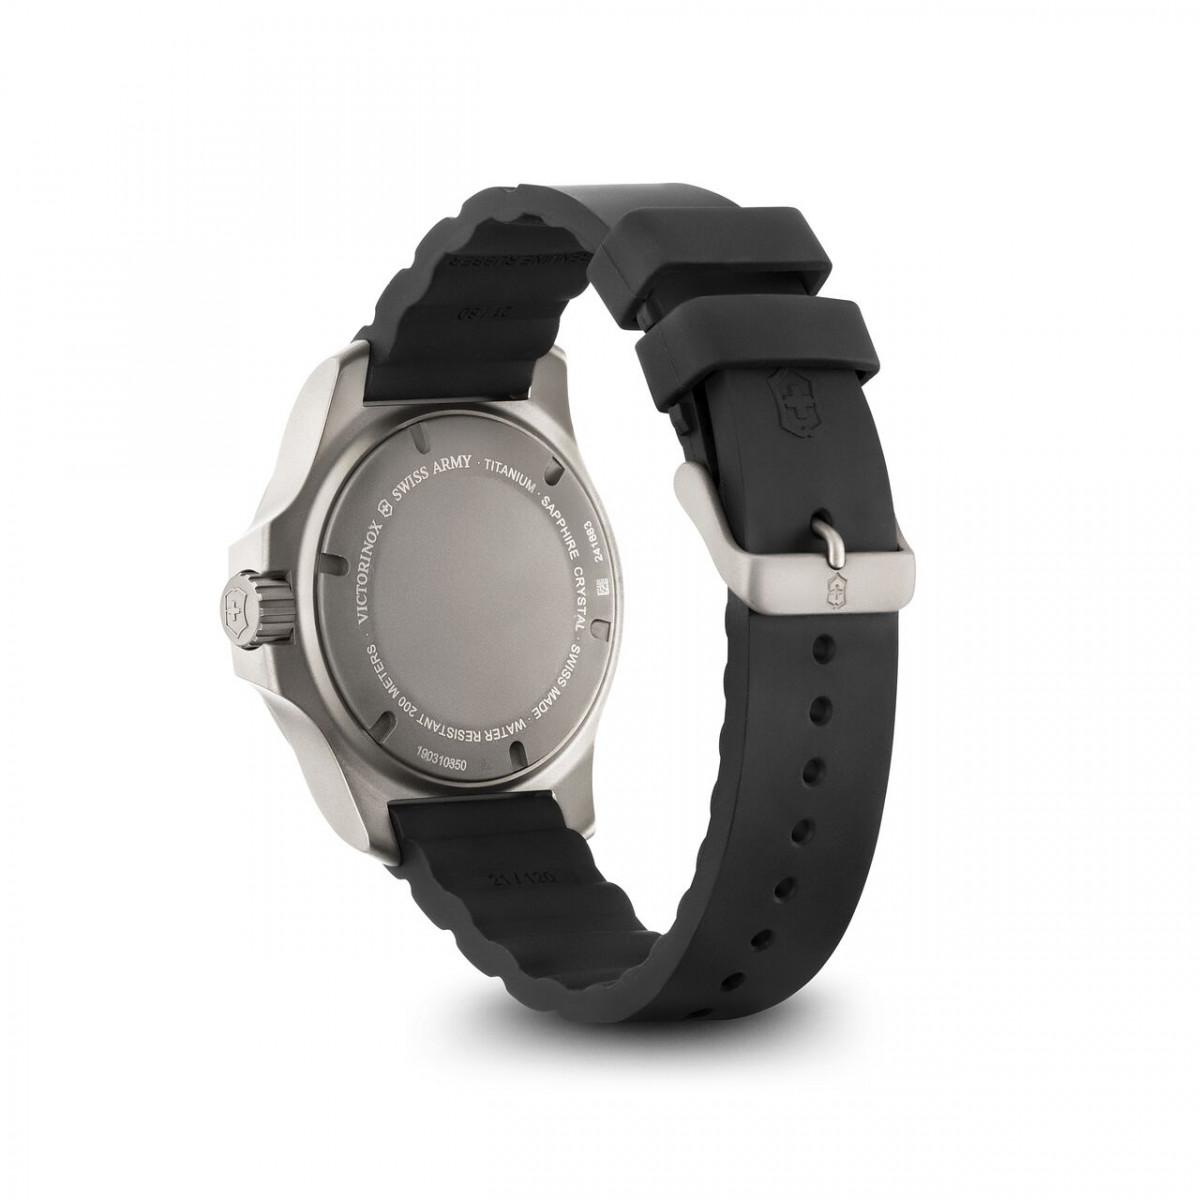 Montre Homme Victorinox I.N.O.X. Titane, cadran gris, bracelet noir caoutchouc - 43 mm